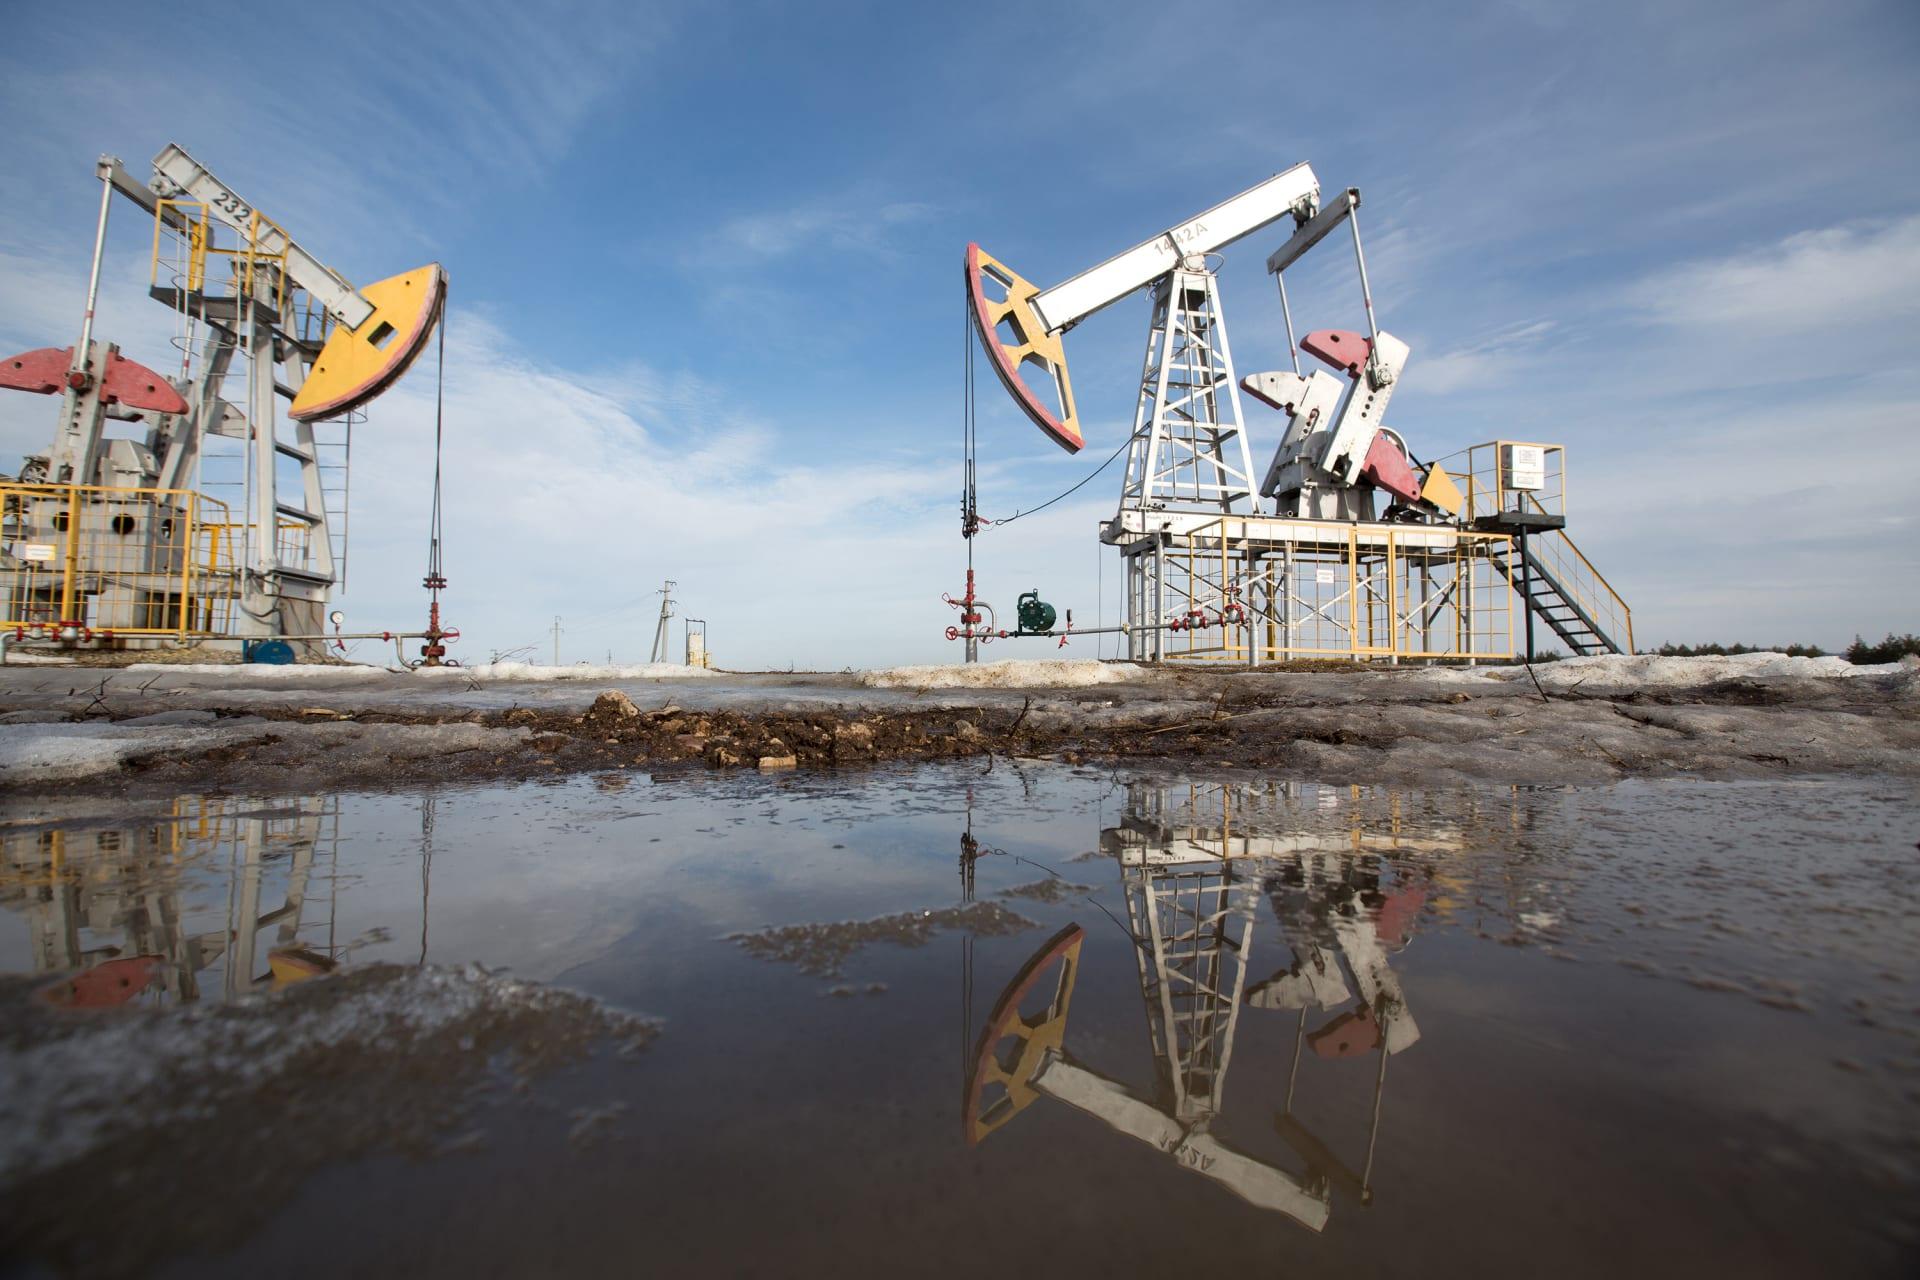 النفط يهبط لأدنى مستوياته منذ يونيو بعد خفض السعودية للأسعار